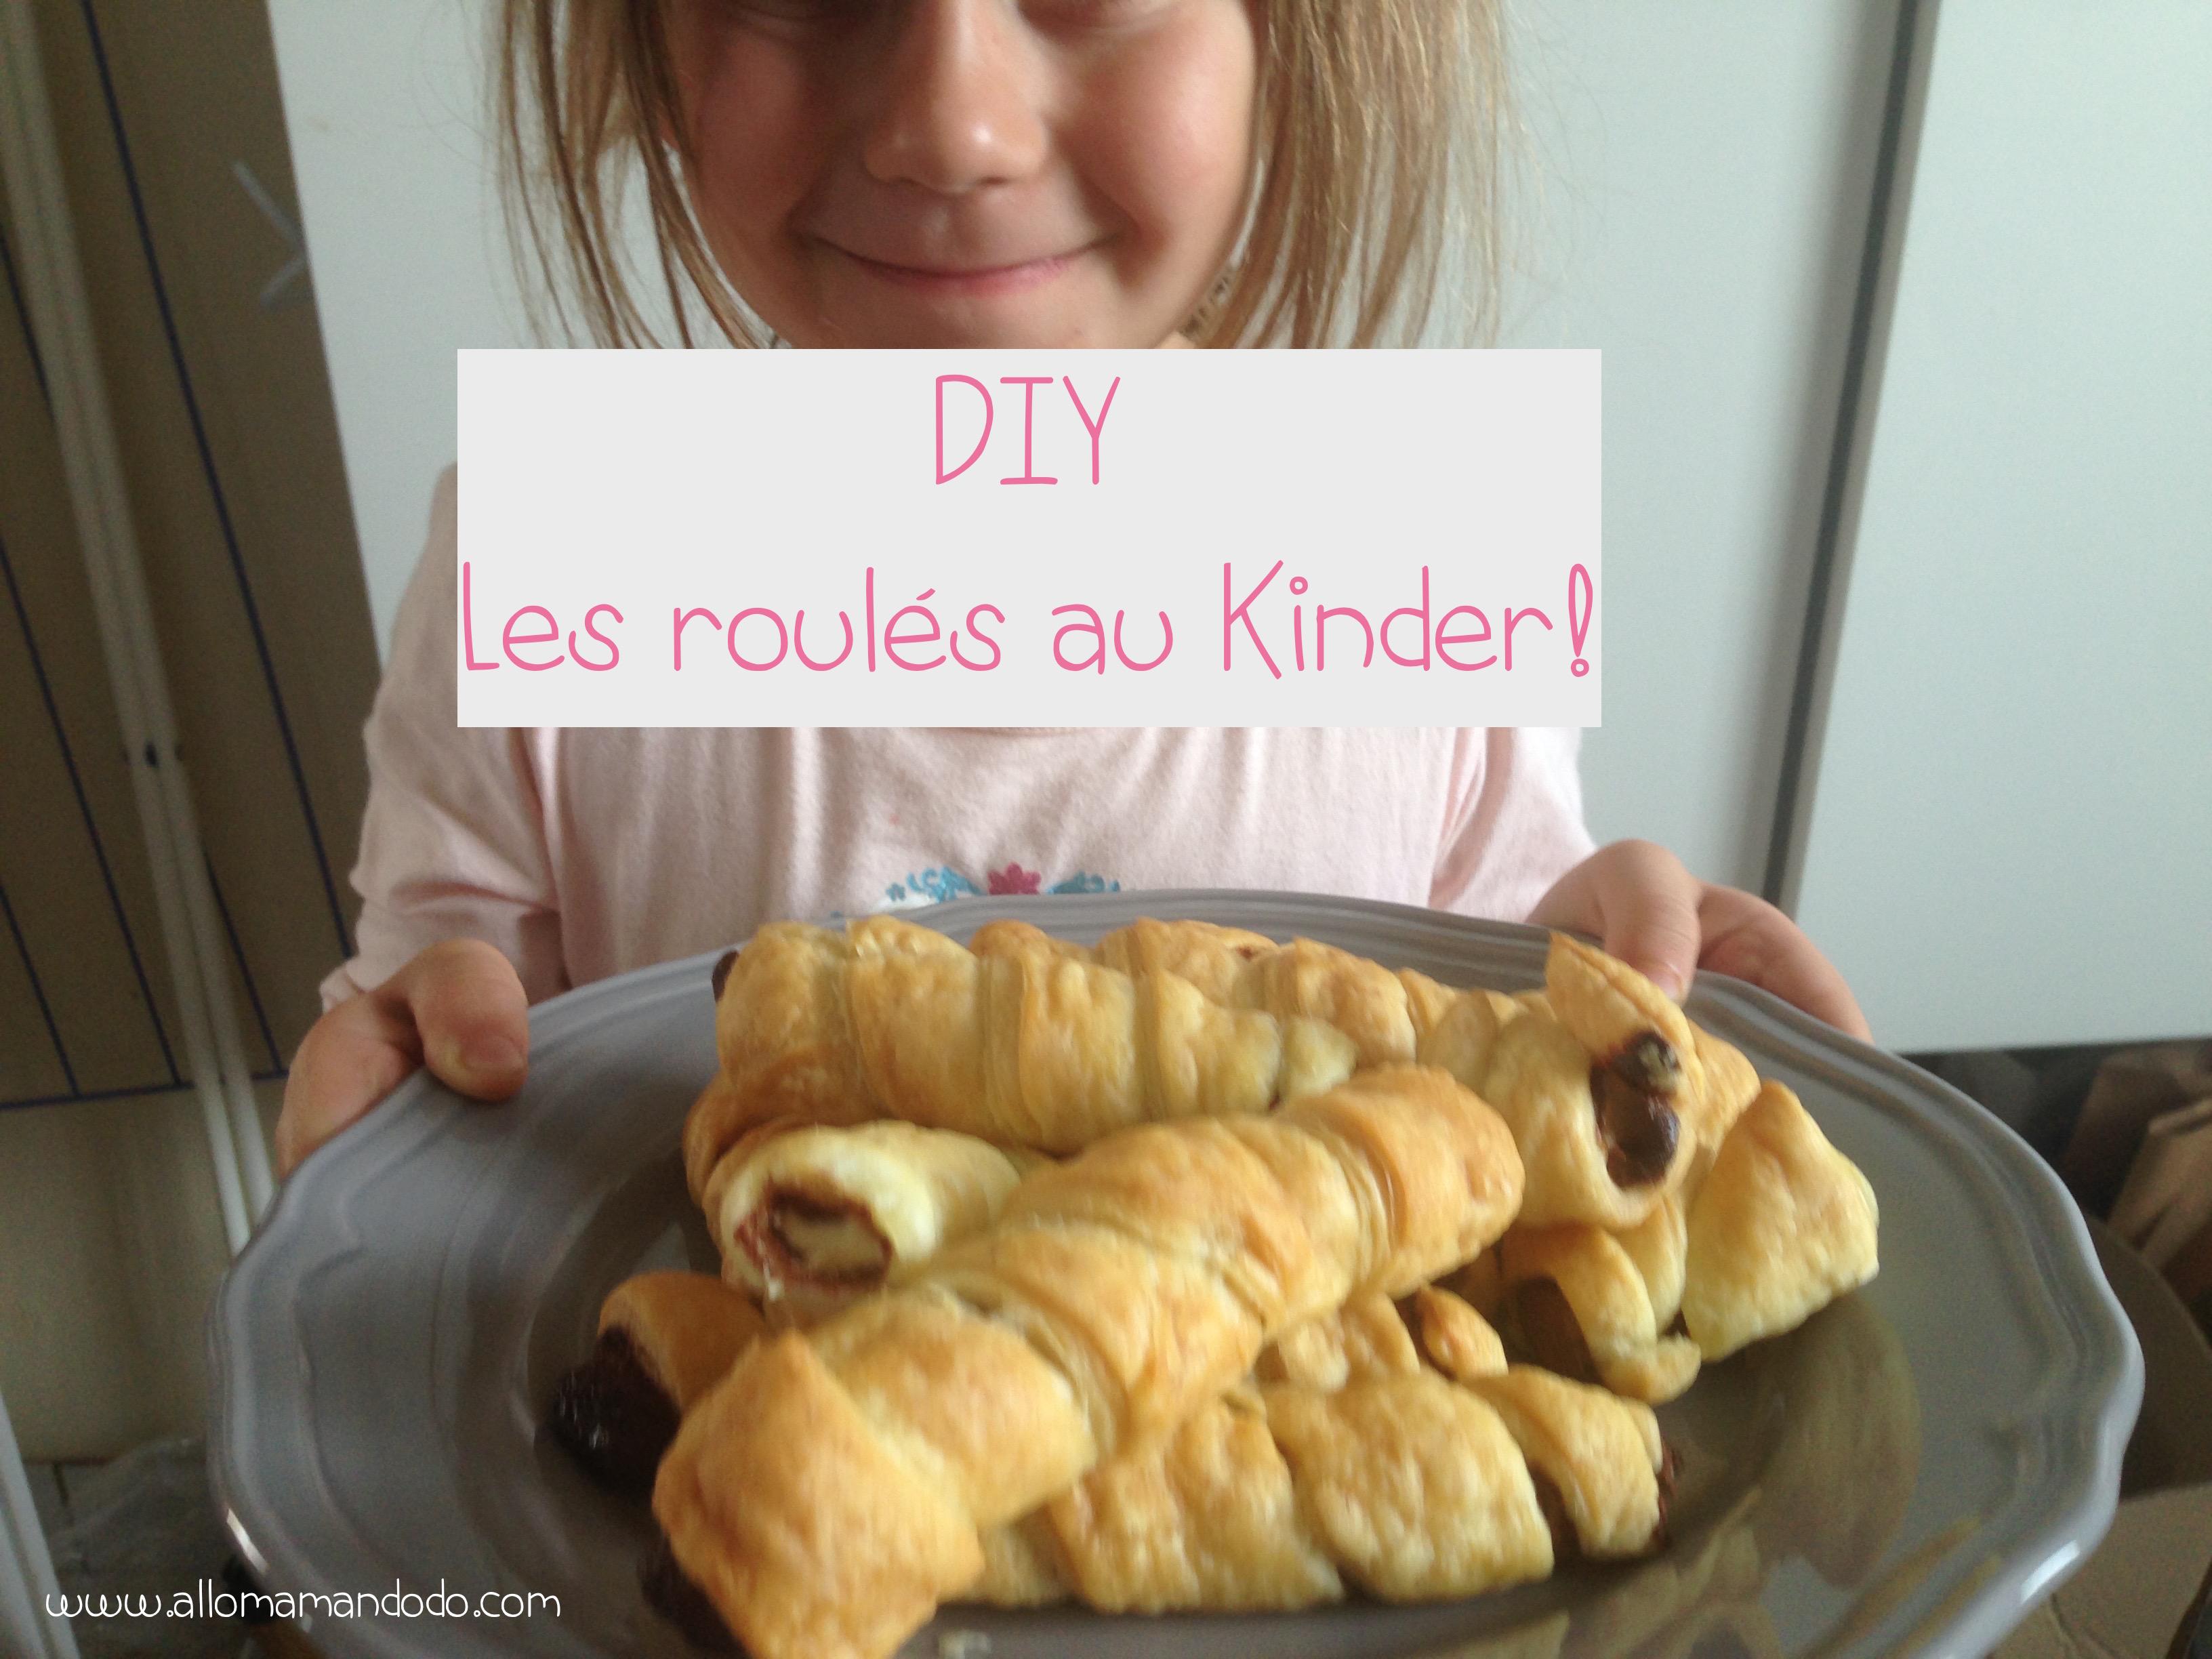 #DIY Cuisine: Des roulés au Kinder pour le goûter! (En photos et vidéo!)